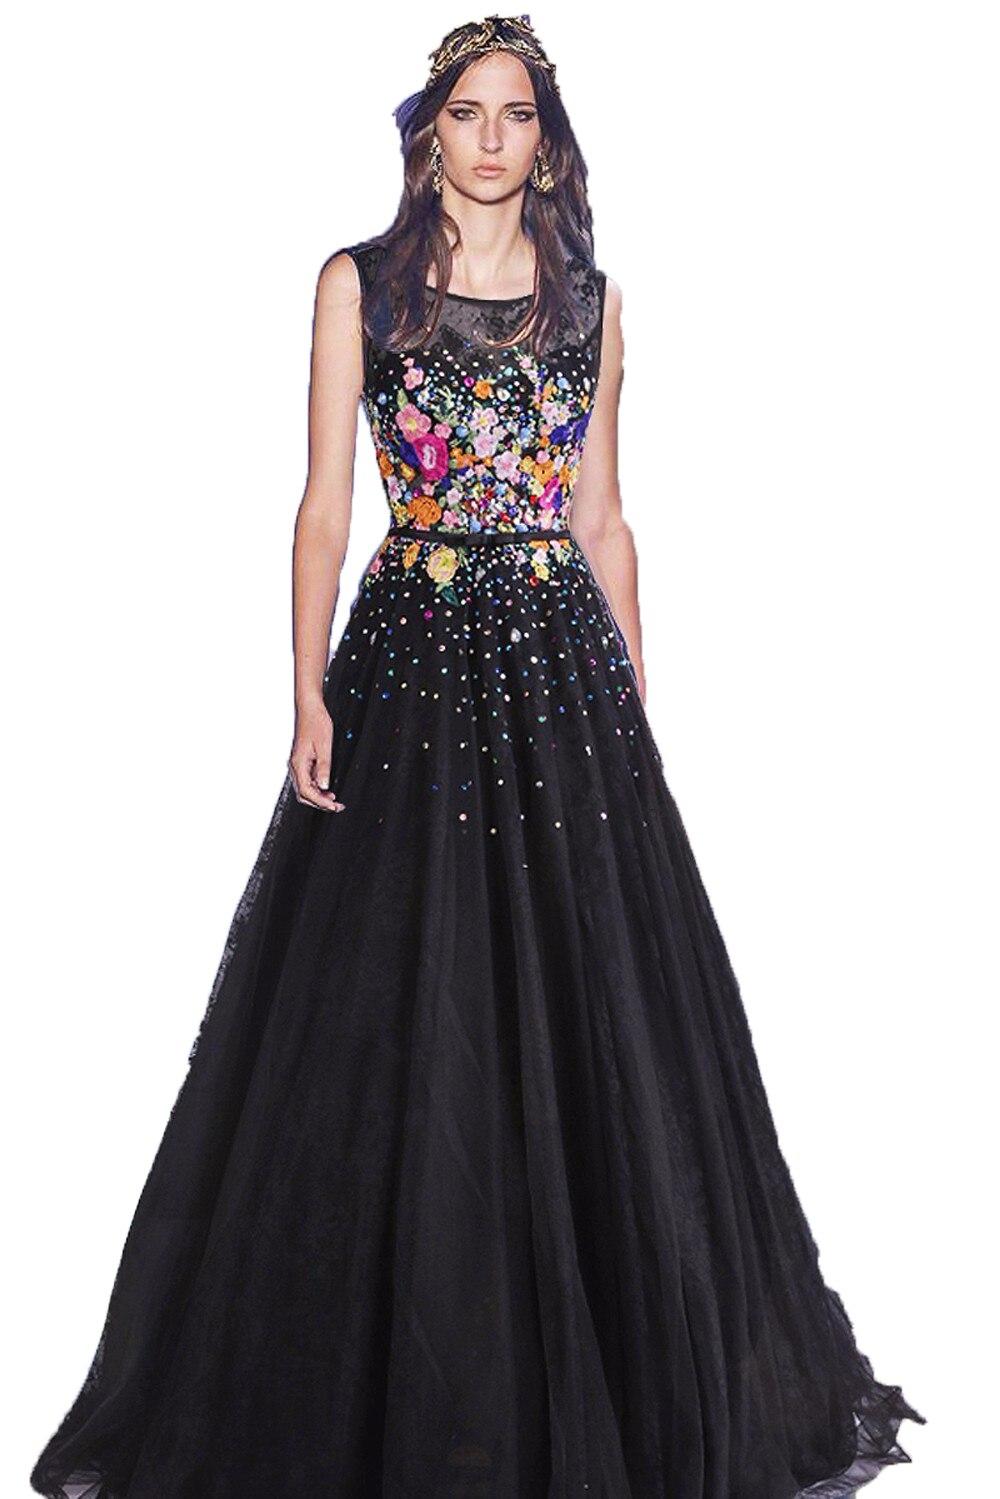 Black Plus Size Long Evening Dresses